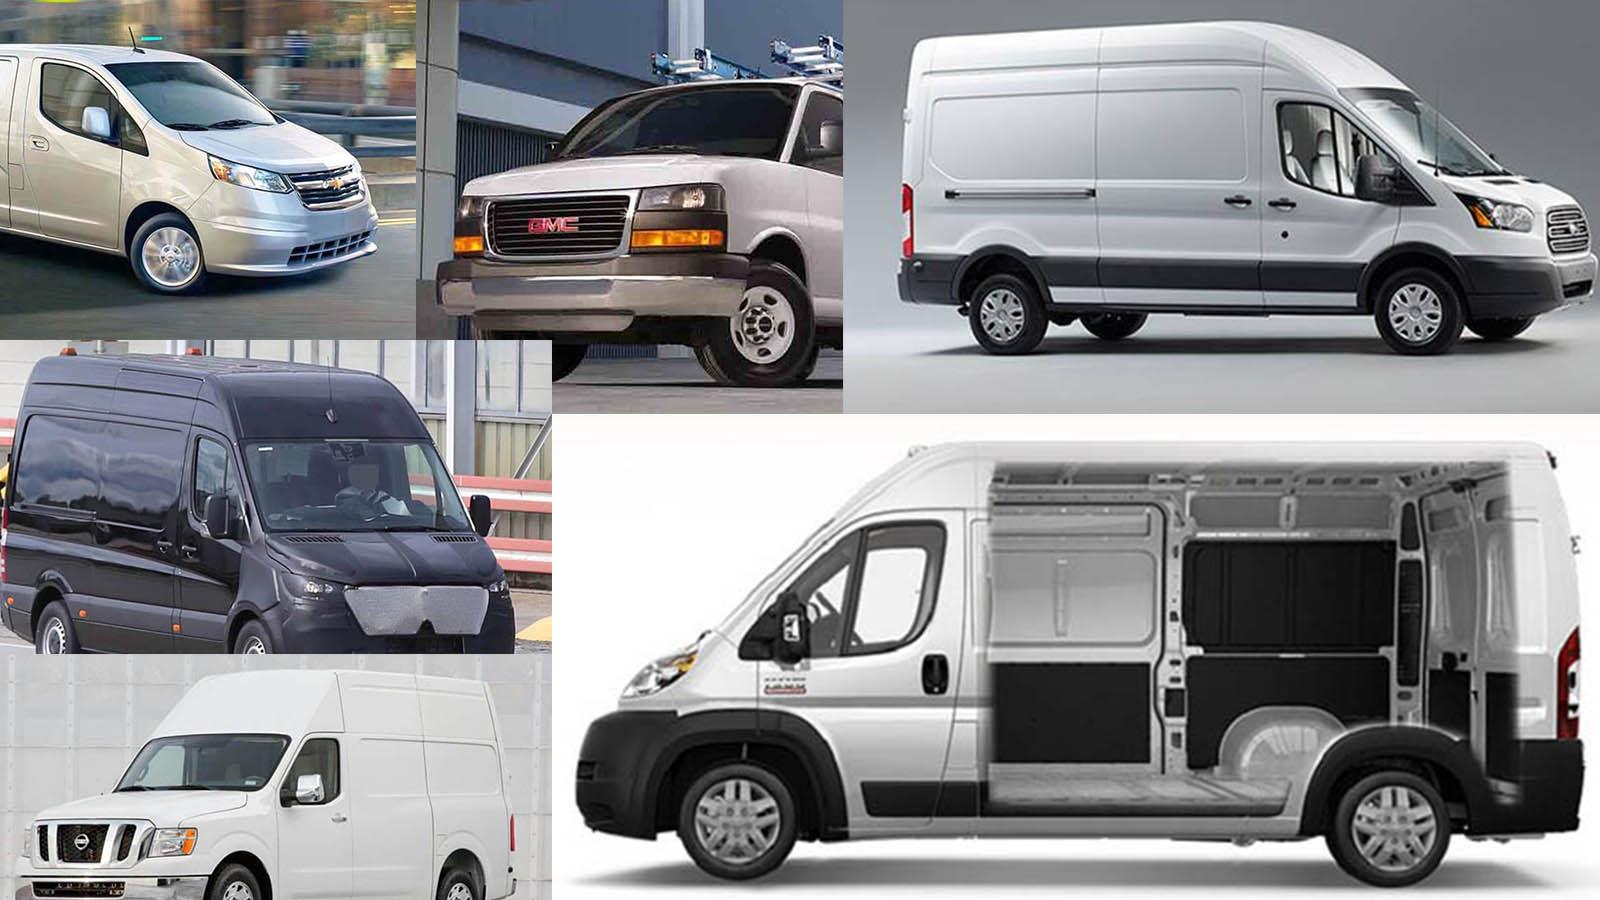 vans 2018. going to work in 2018 - the new vans